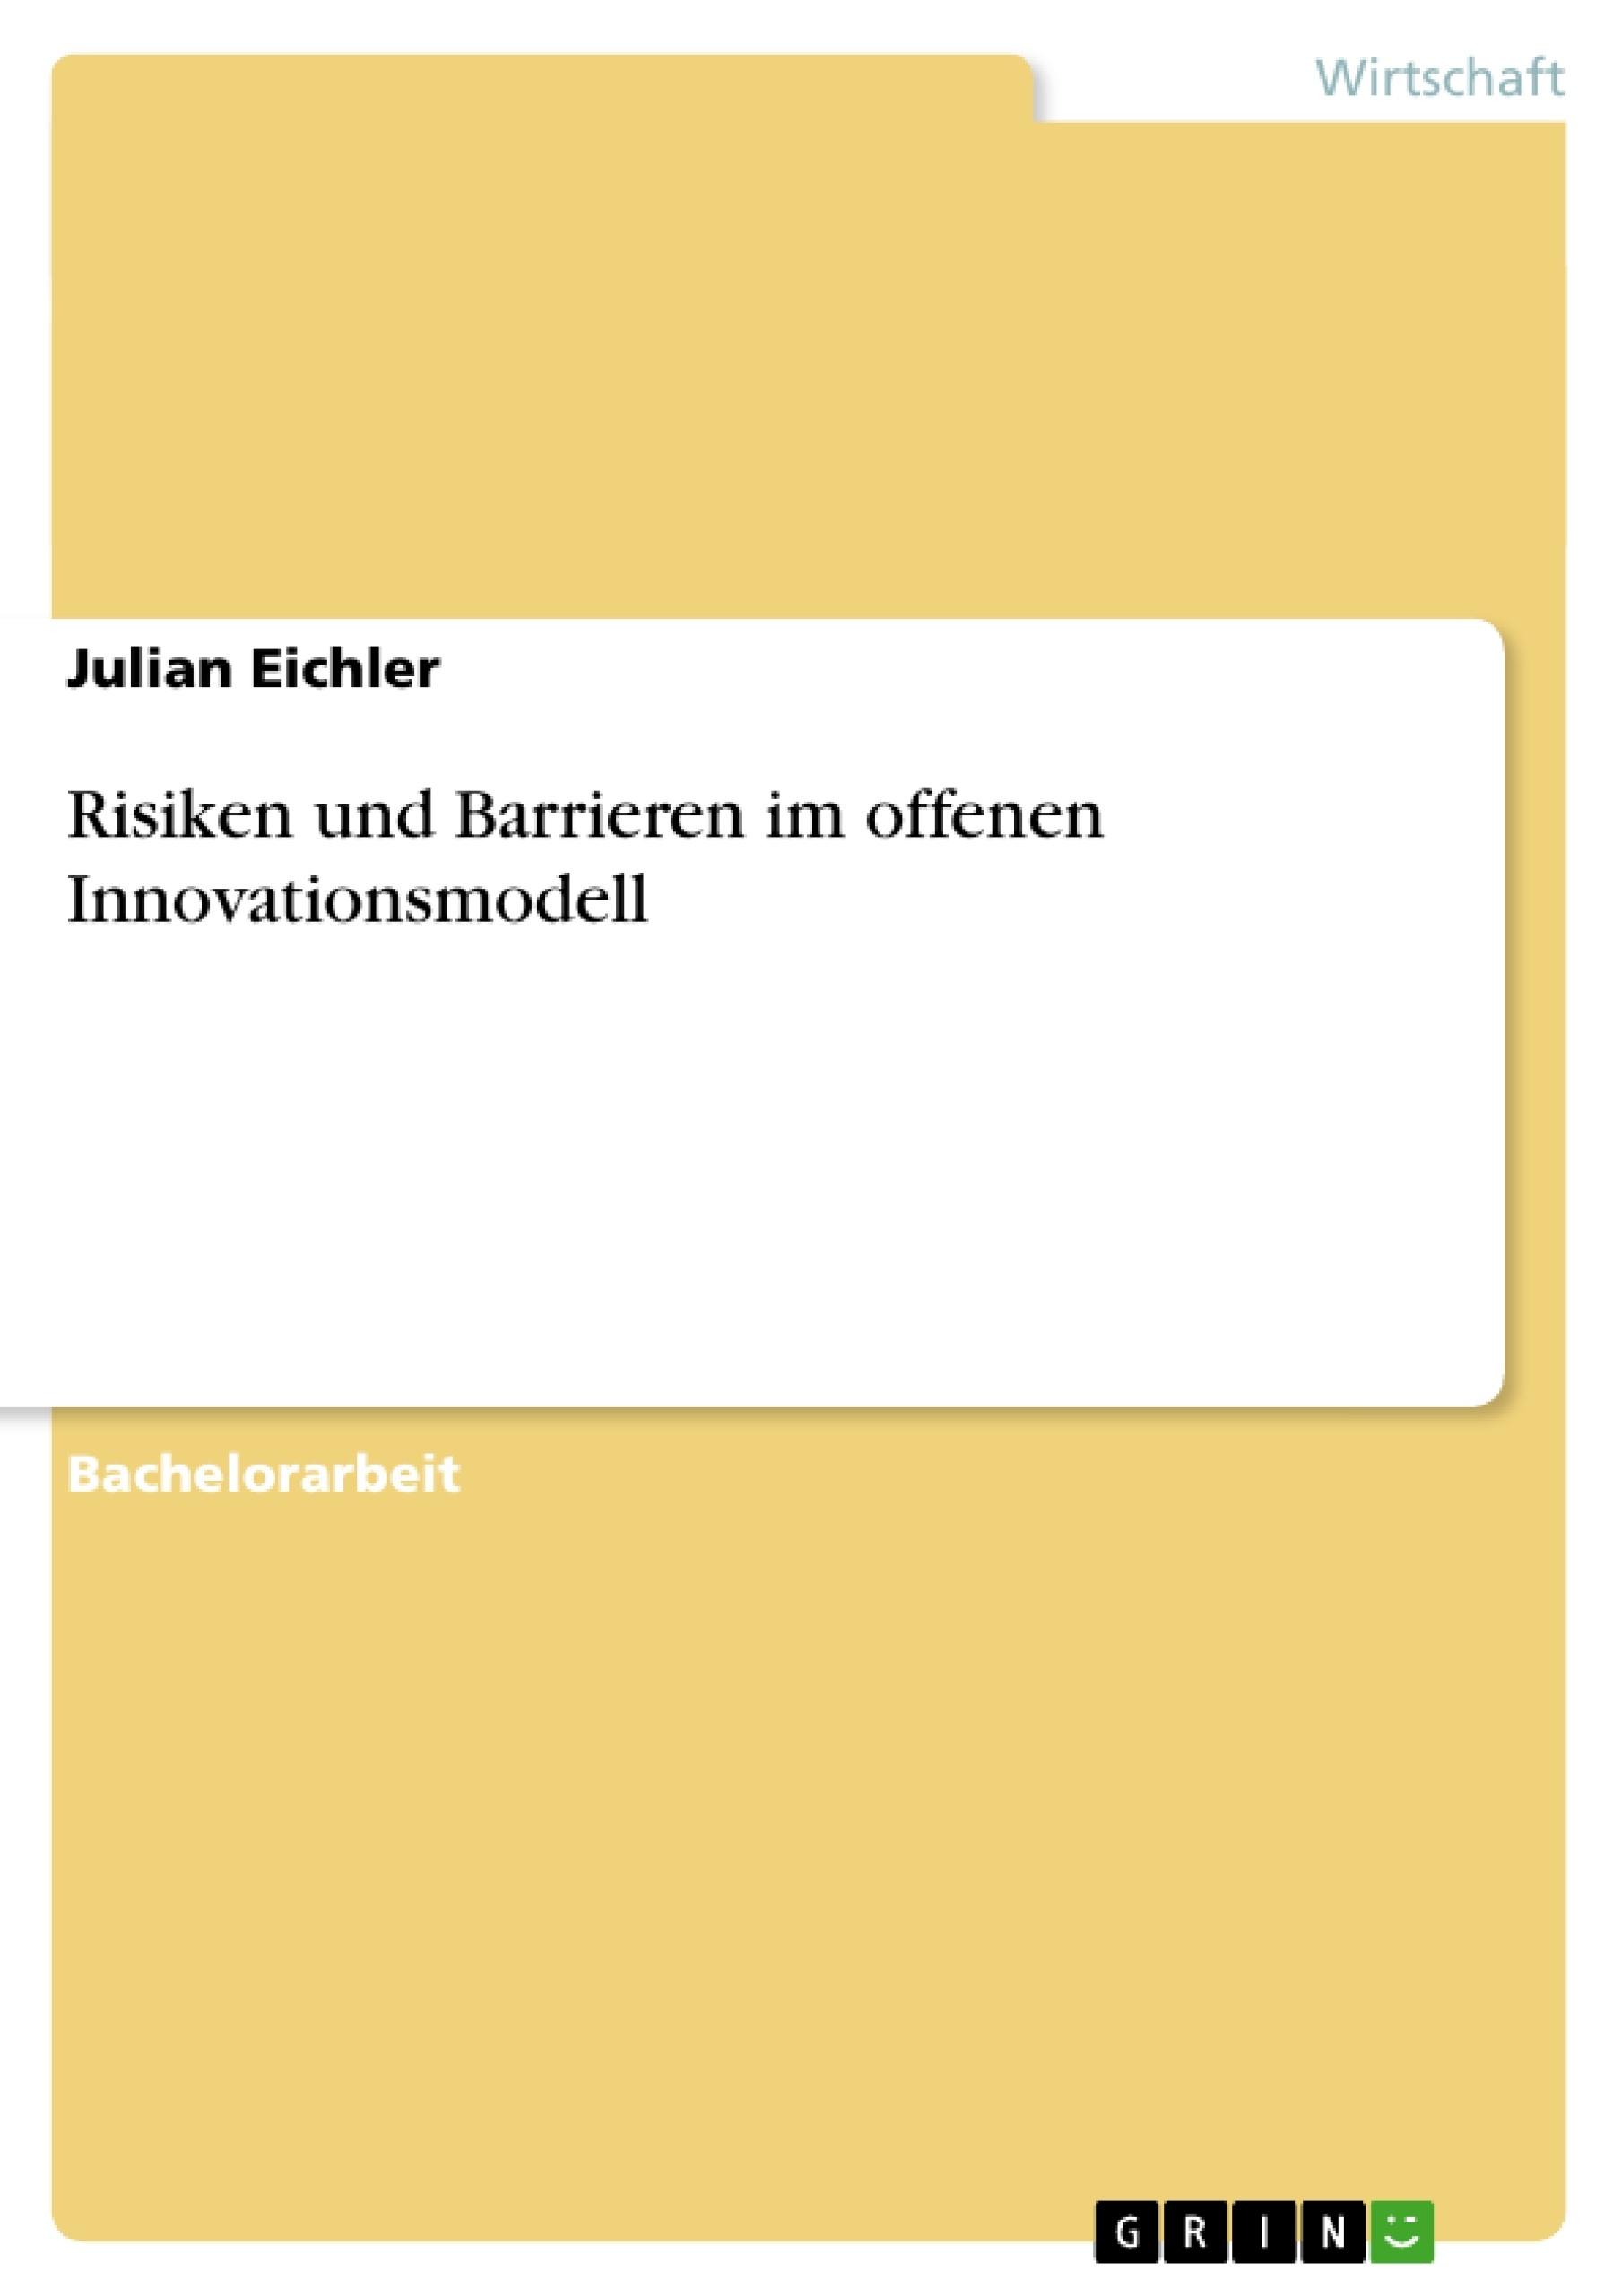 Titel: Risiken und Barrieren im offenen Innovationsmodell